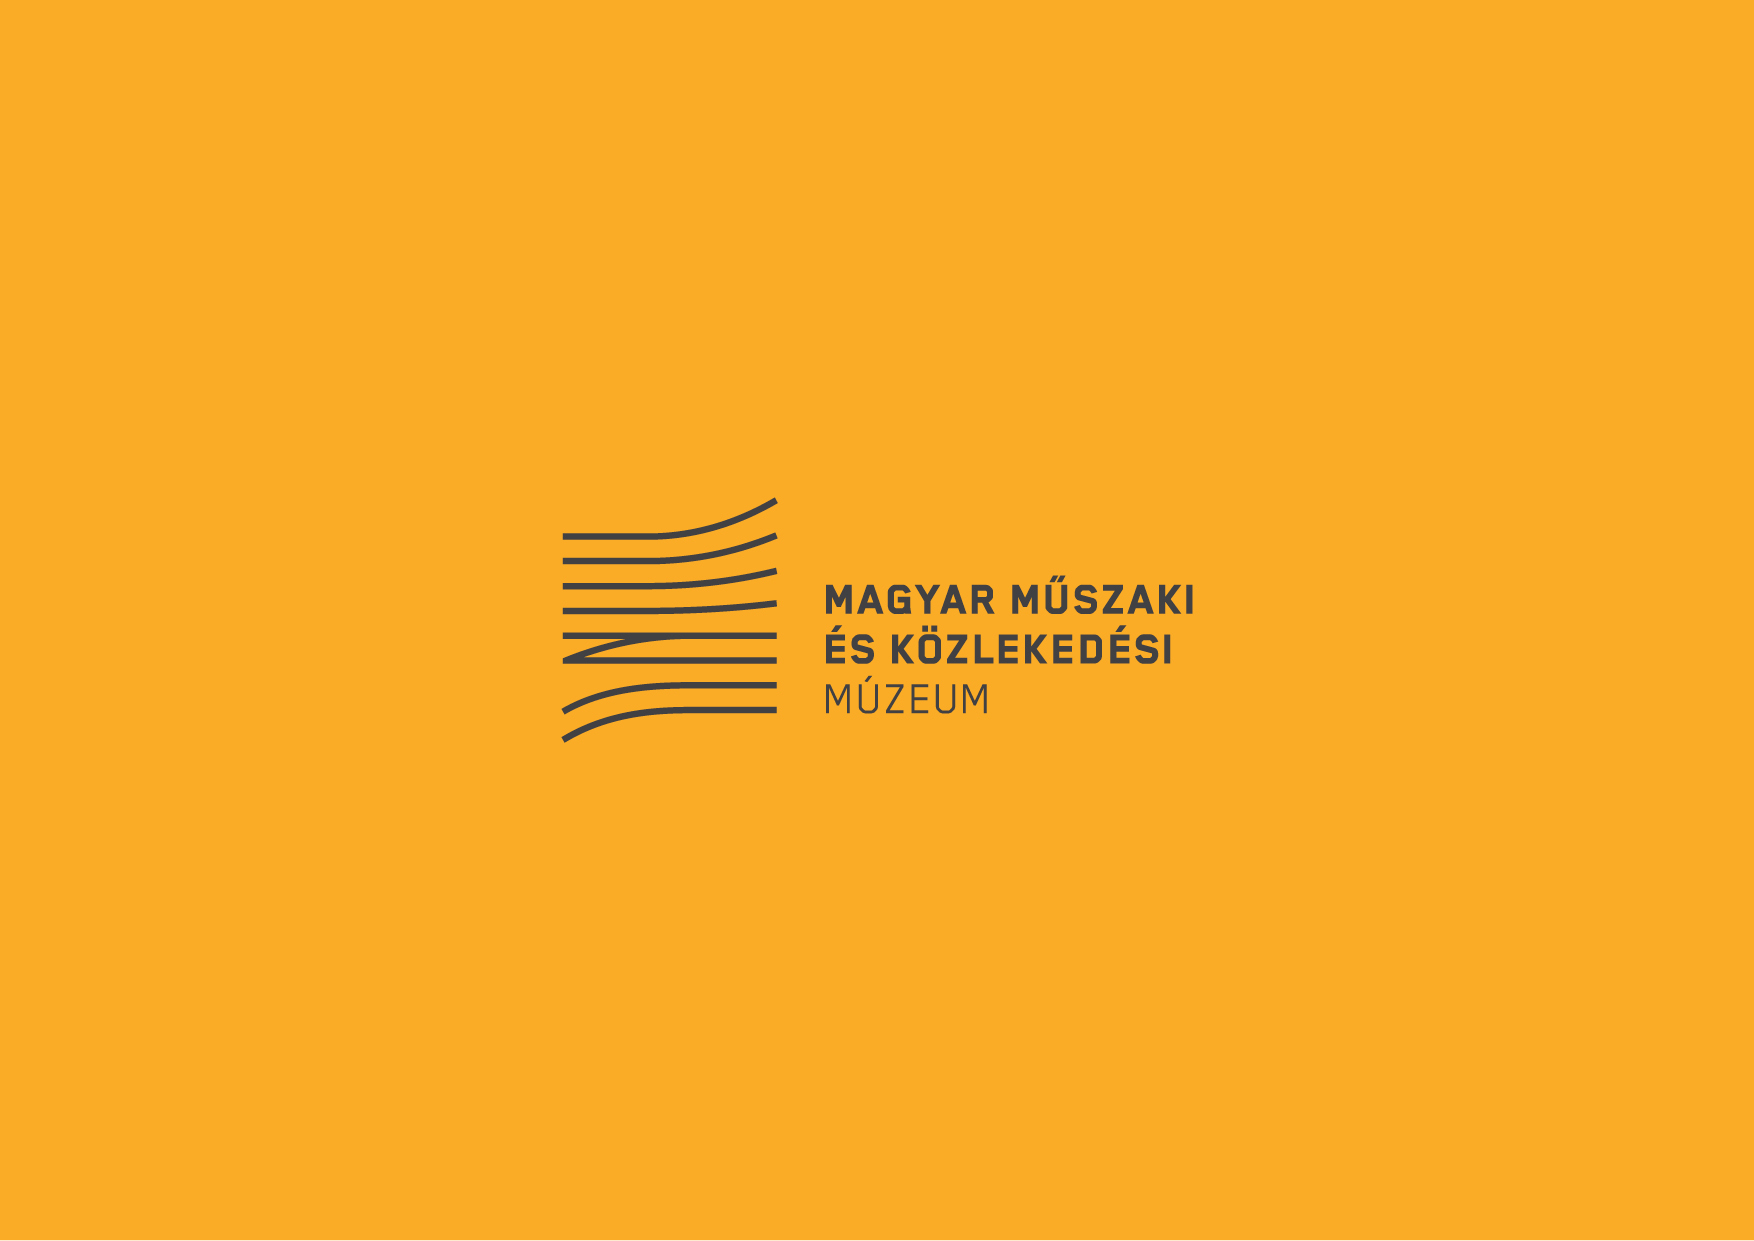 Elkészült esettanulmányunk a Magyar Műszaki és Közlekedési Múzeum megújult arculatáról